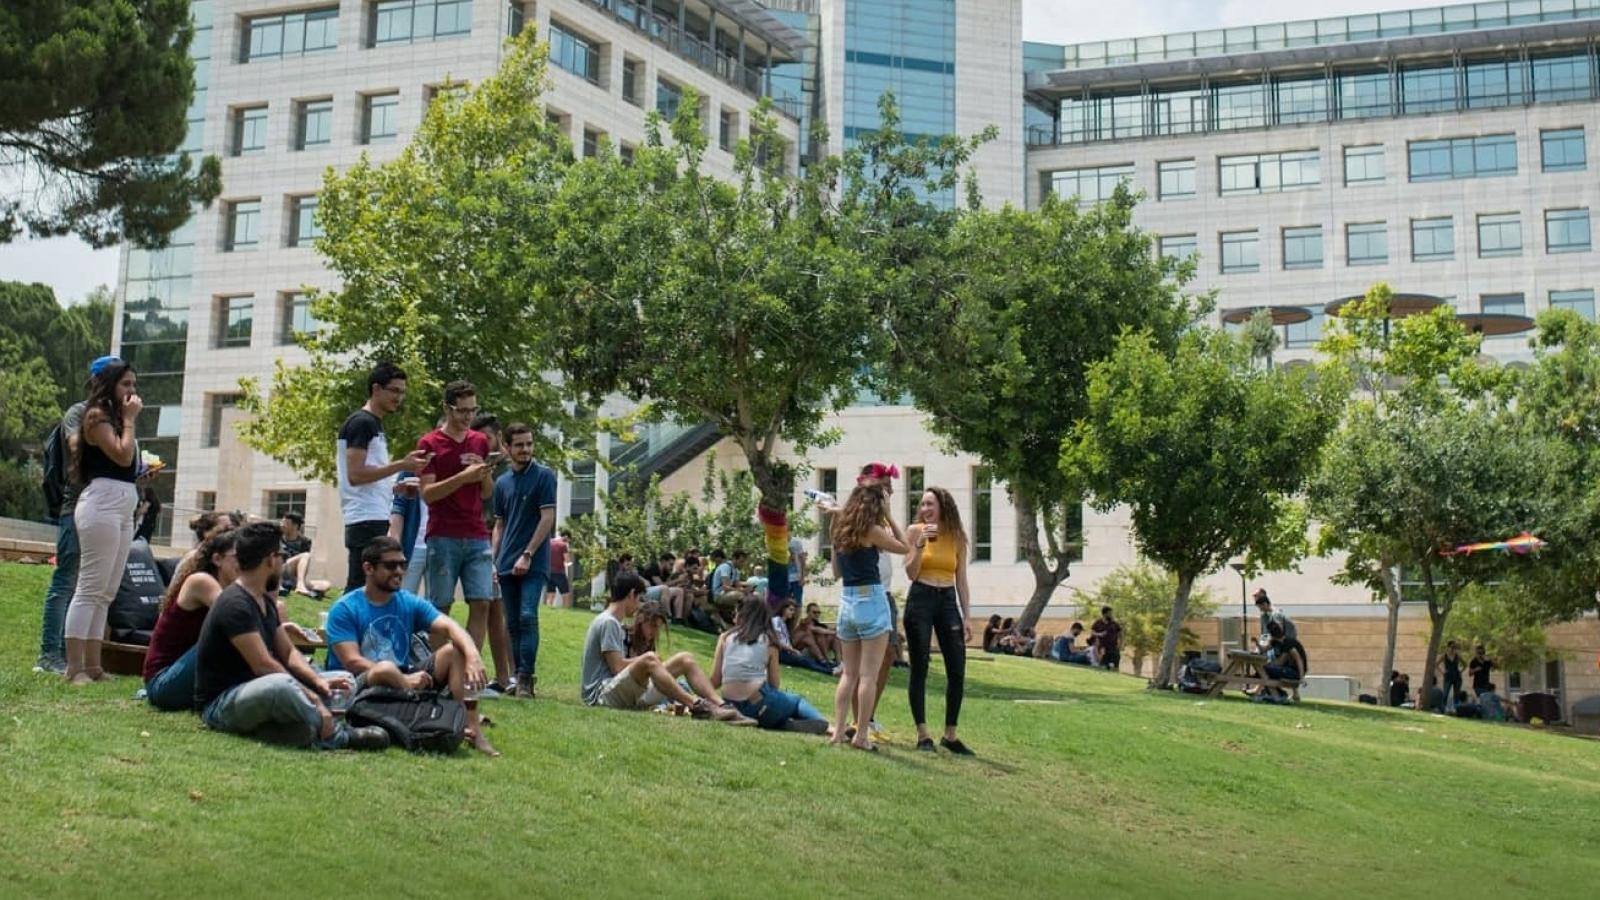 Viện công nghệ hàng đầu Israel Technion hợp tác giáo dục với trường đại học Việt Nam